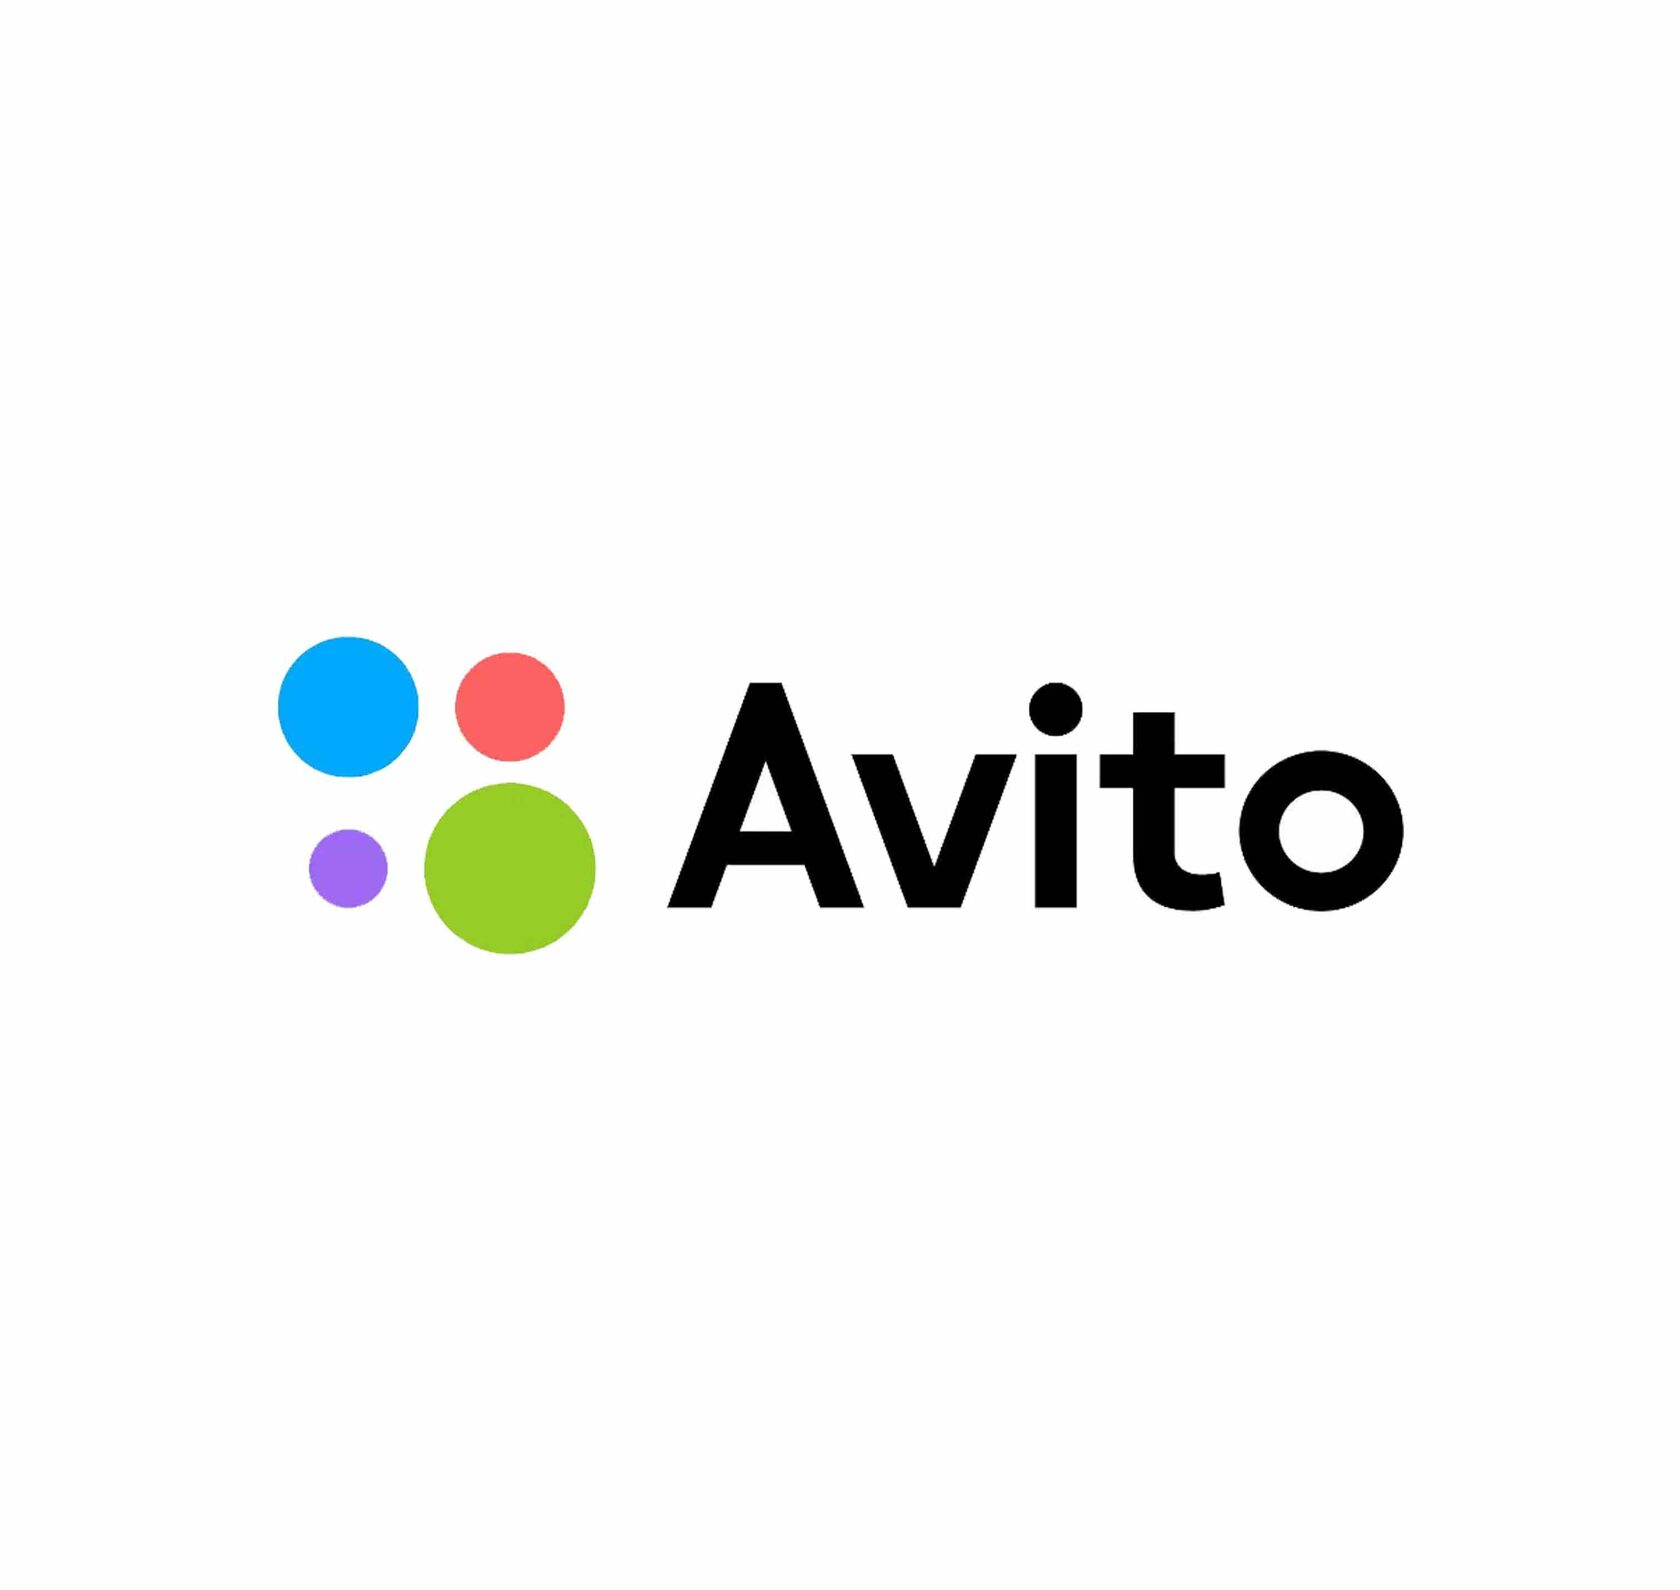 Отзывы на Авито - Реал эстейт сторис